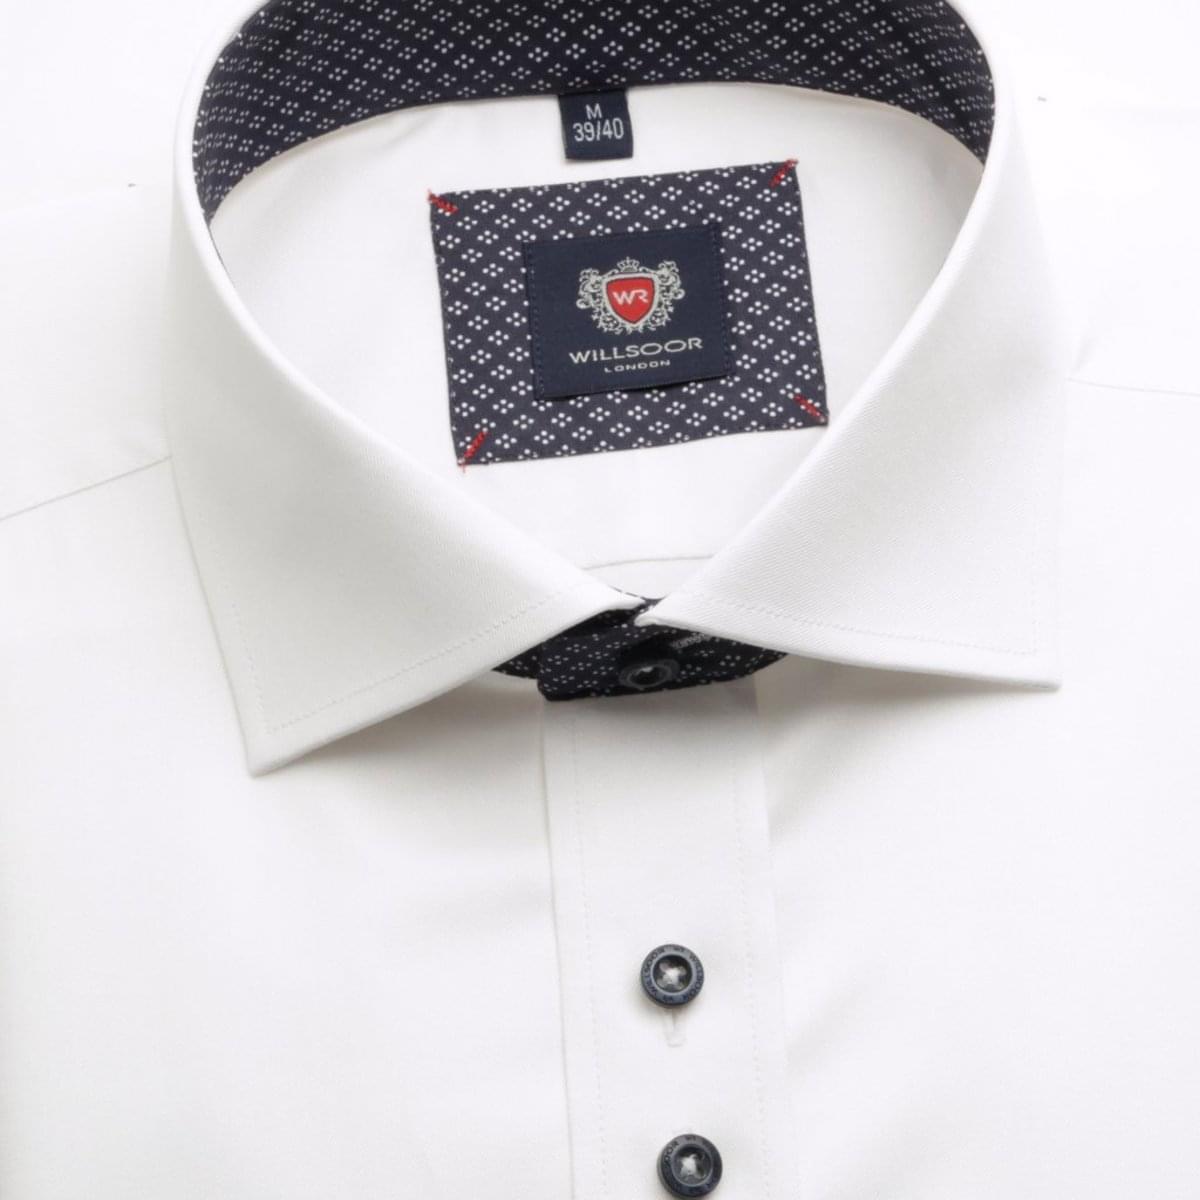 Pánská košile WR London v bílé barvě (výška 176-182) 4475 176-182 / XL (43/44)